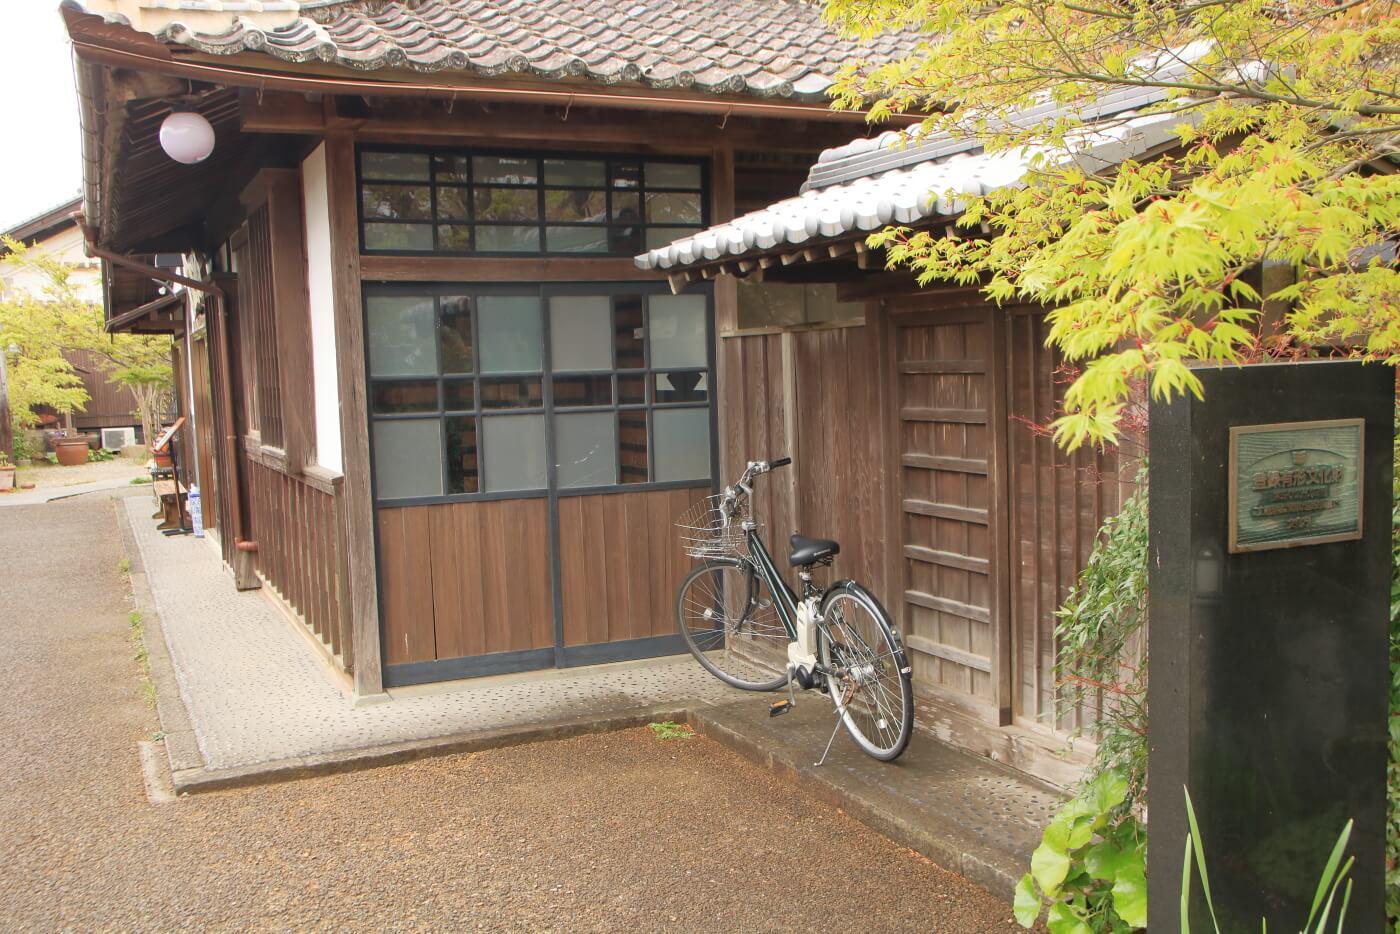 香美市土佐山田町のイタリア料理屋さんクアットロスタジオーニ近く 古民家の外観